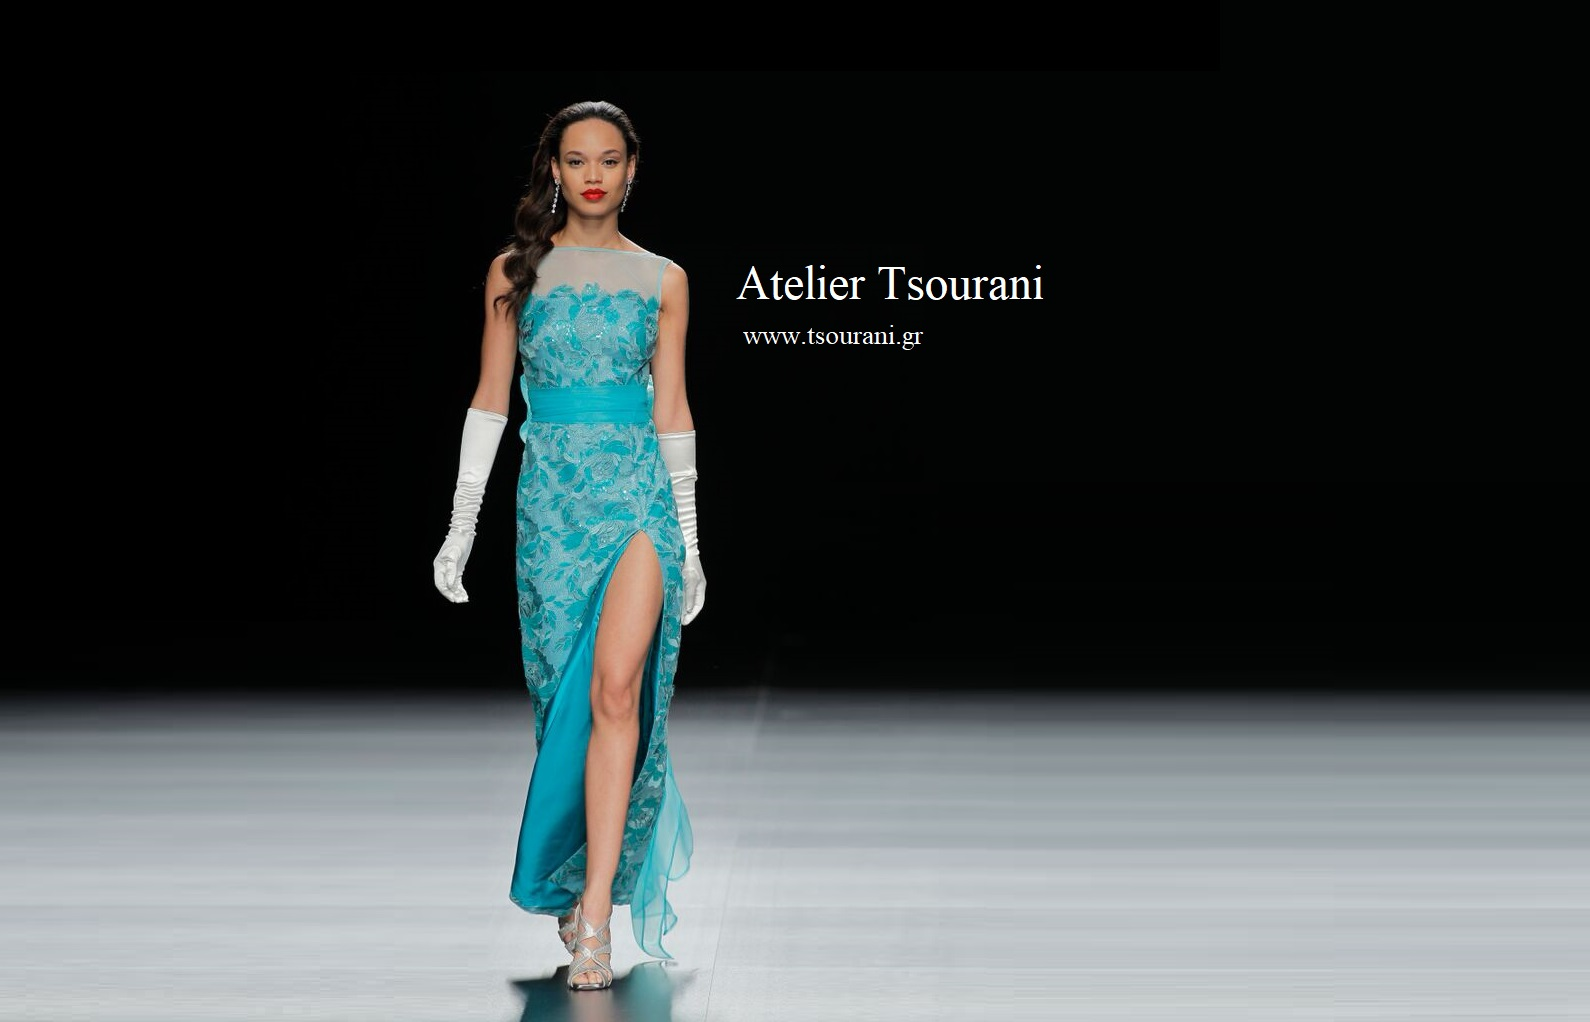 615739599c54 Atelier Tsourani » Κομψά Φορέματα Δεξίωσης Tsourani